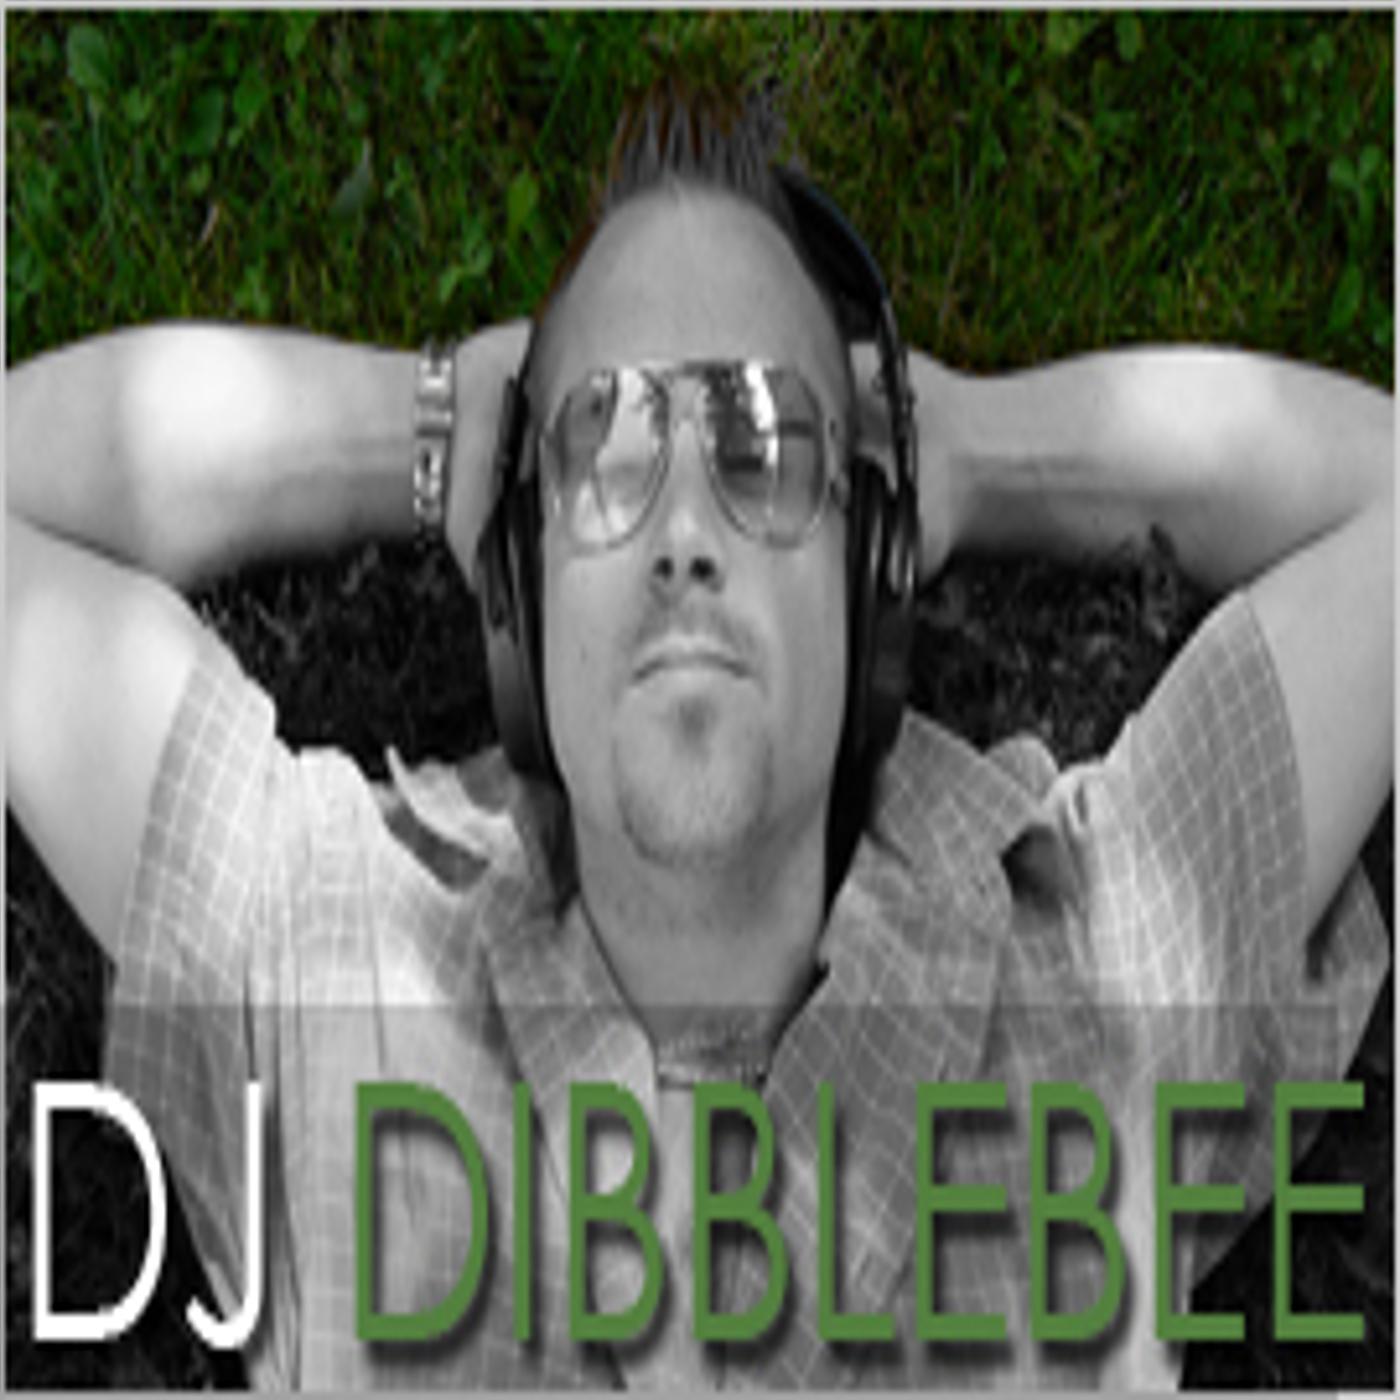 Dibblebee